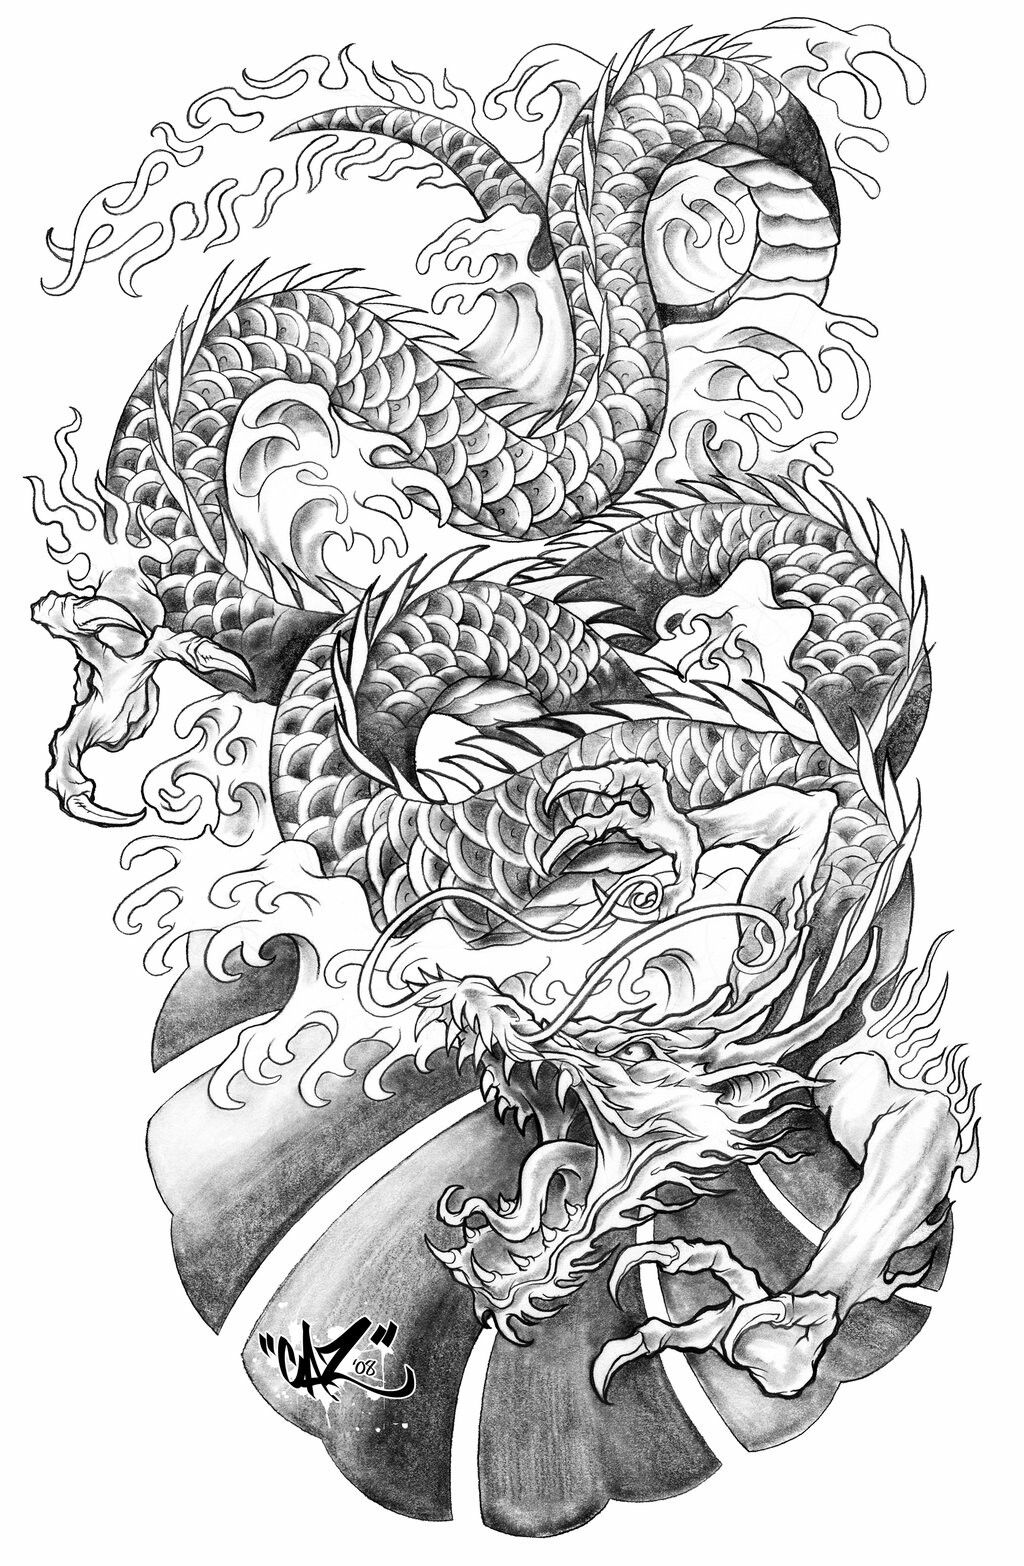 Tattoos kostenlos drachen vorlagen 43+ Wahrheiten